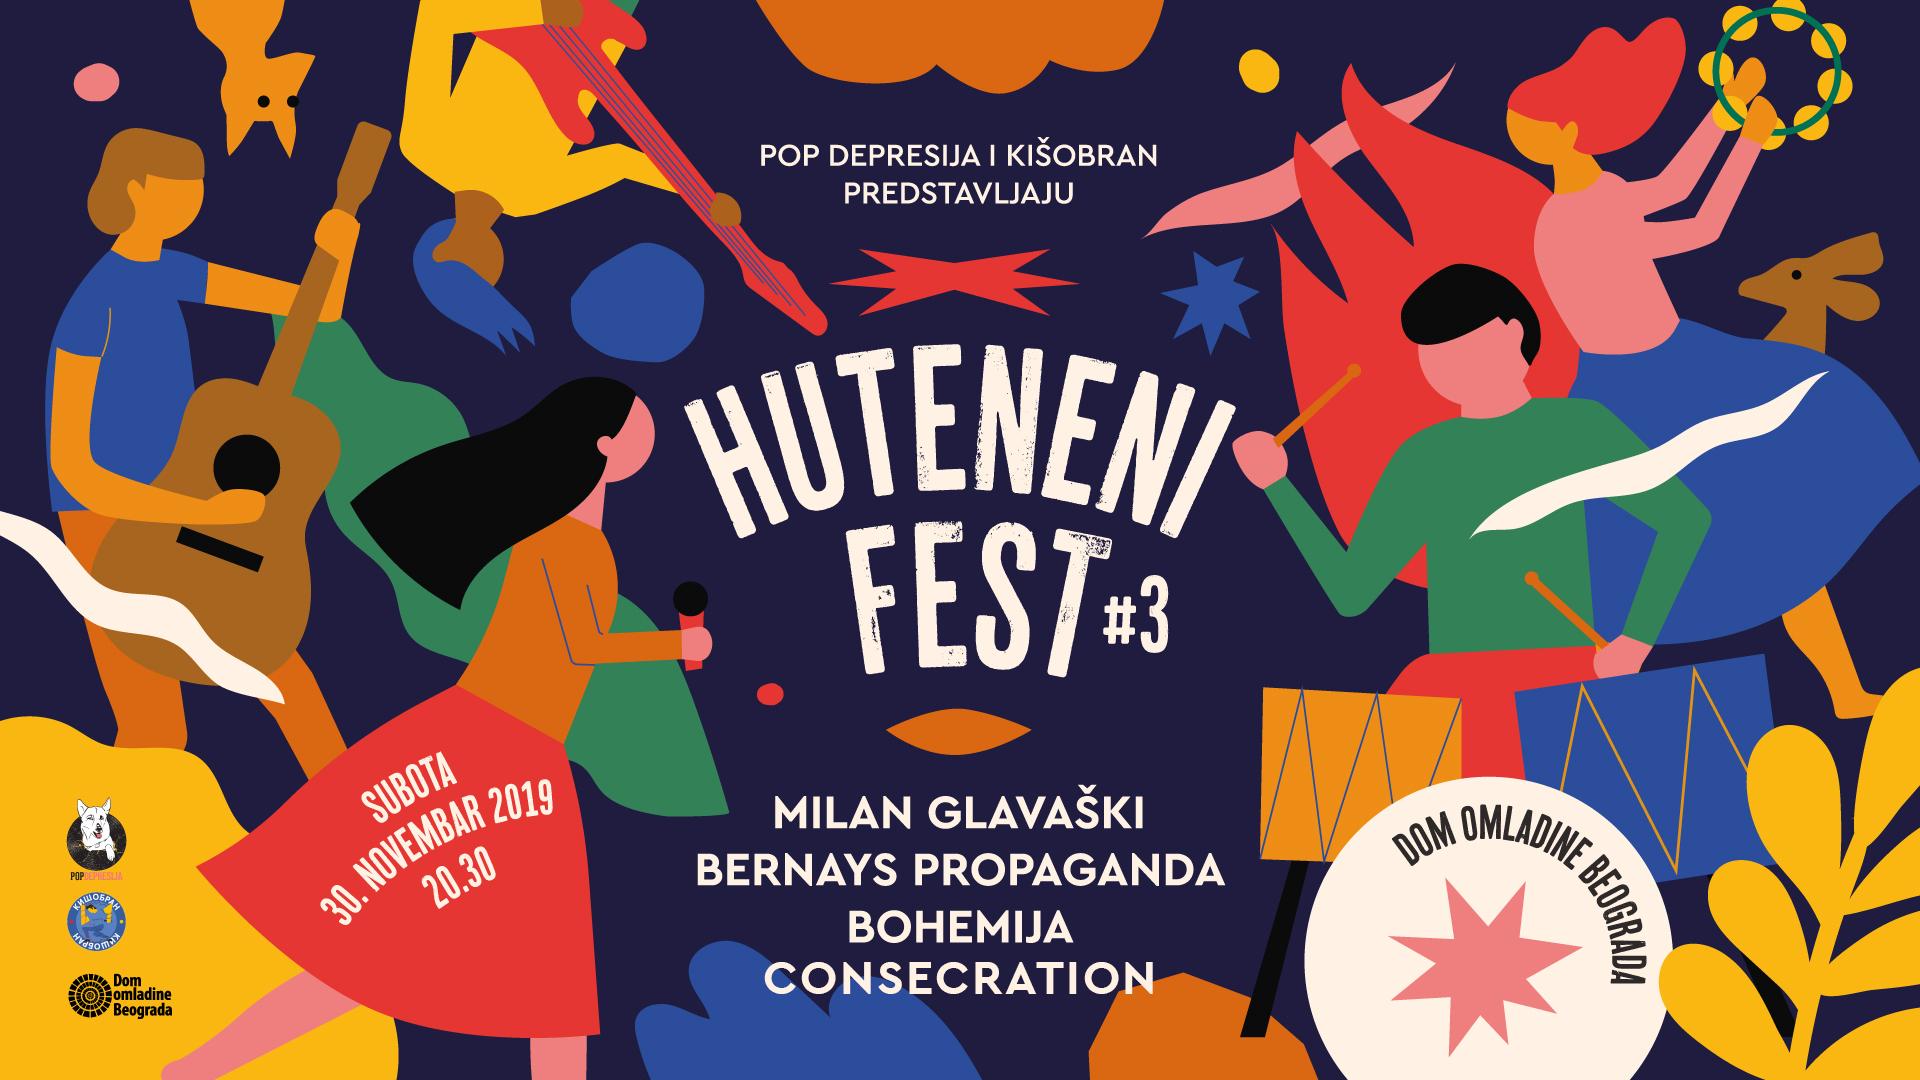 Hunteneni FEST